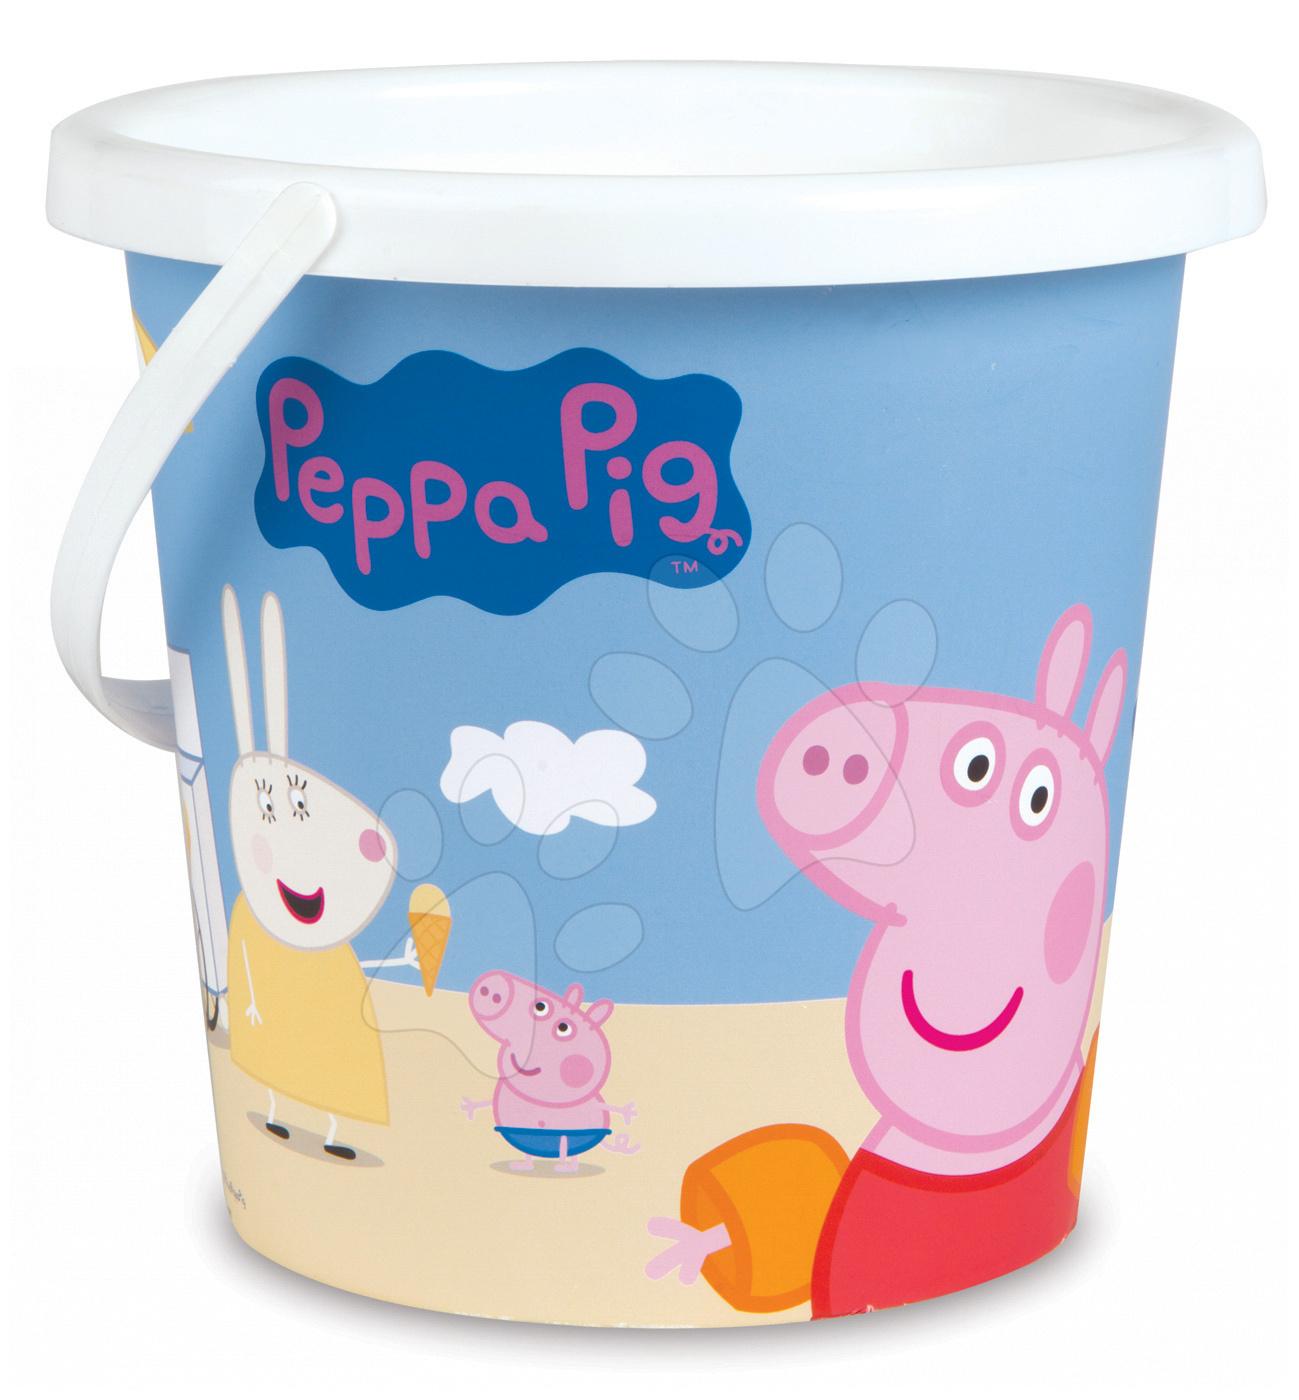 Kbelík do písku PEPPA PIG Smoby střední výška 18 cm od 18 měsíců